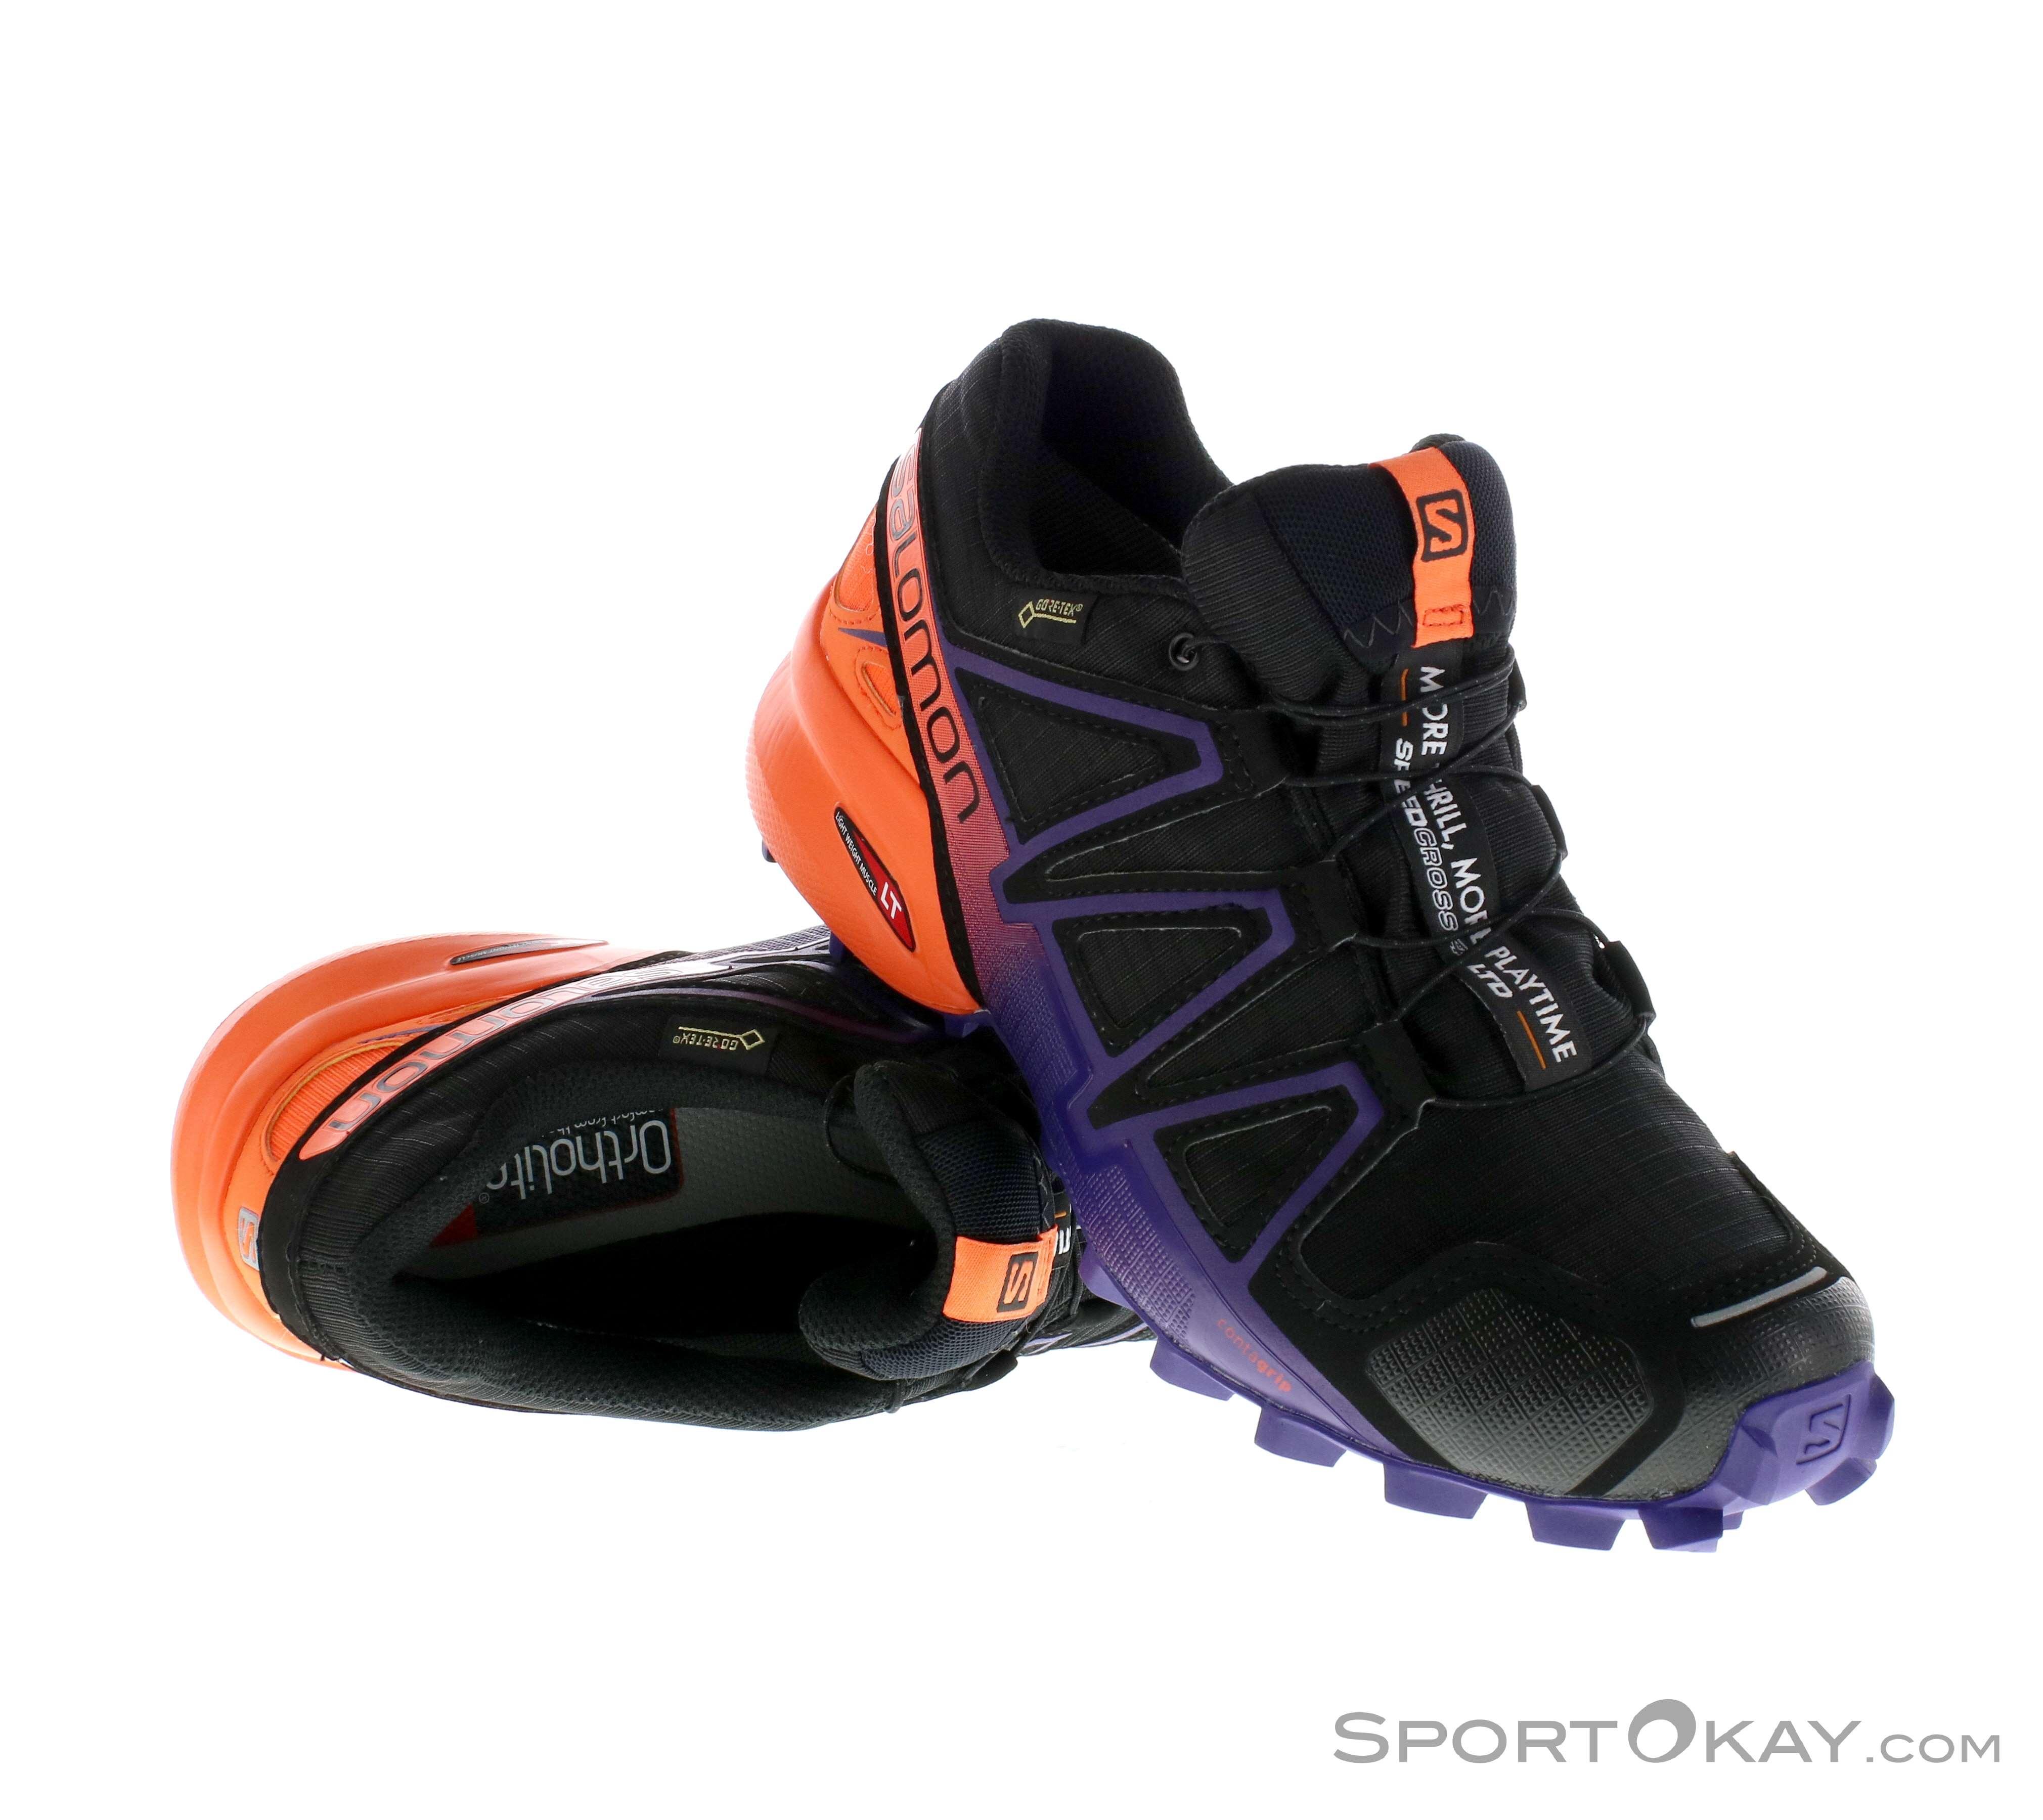 6c10f0a0fdaae8 Salomon Speedcross 4 GTX Damen Traillaufschuhe Gore-Tex ...